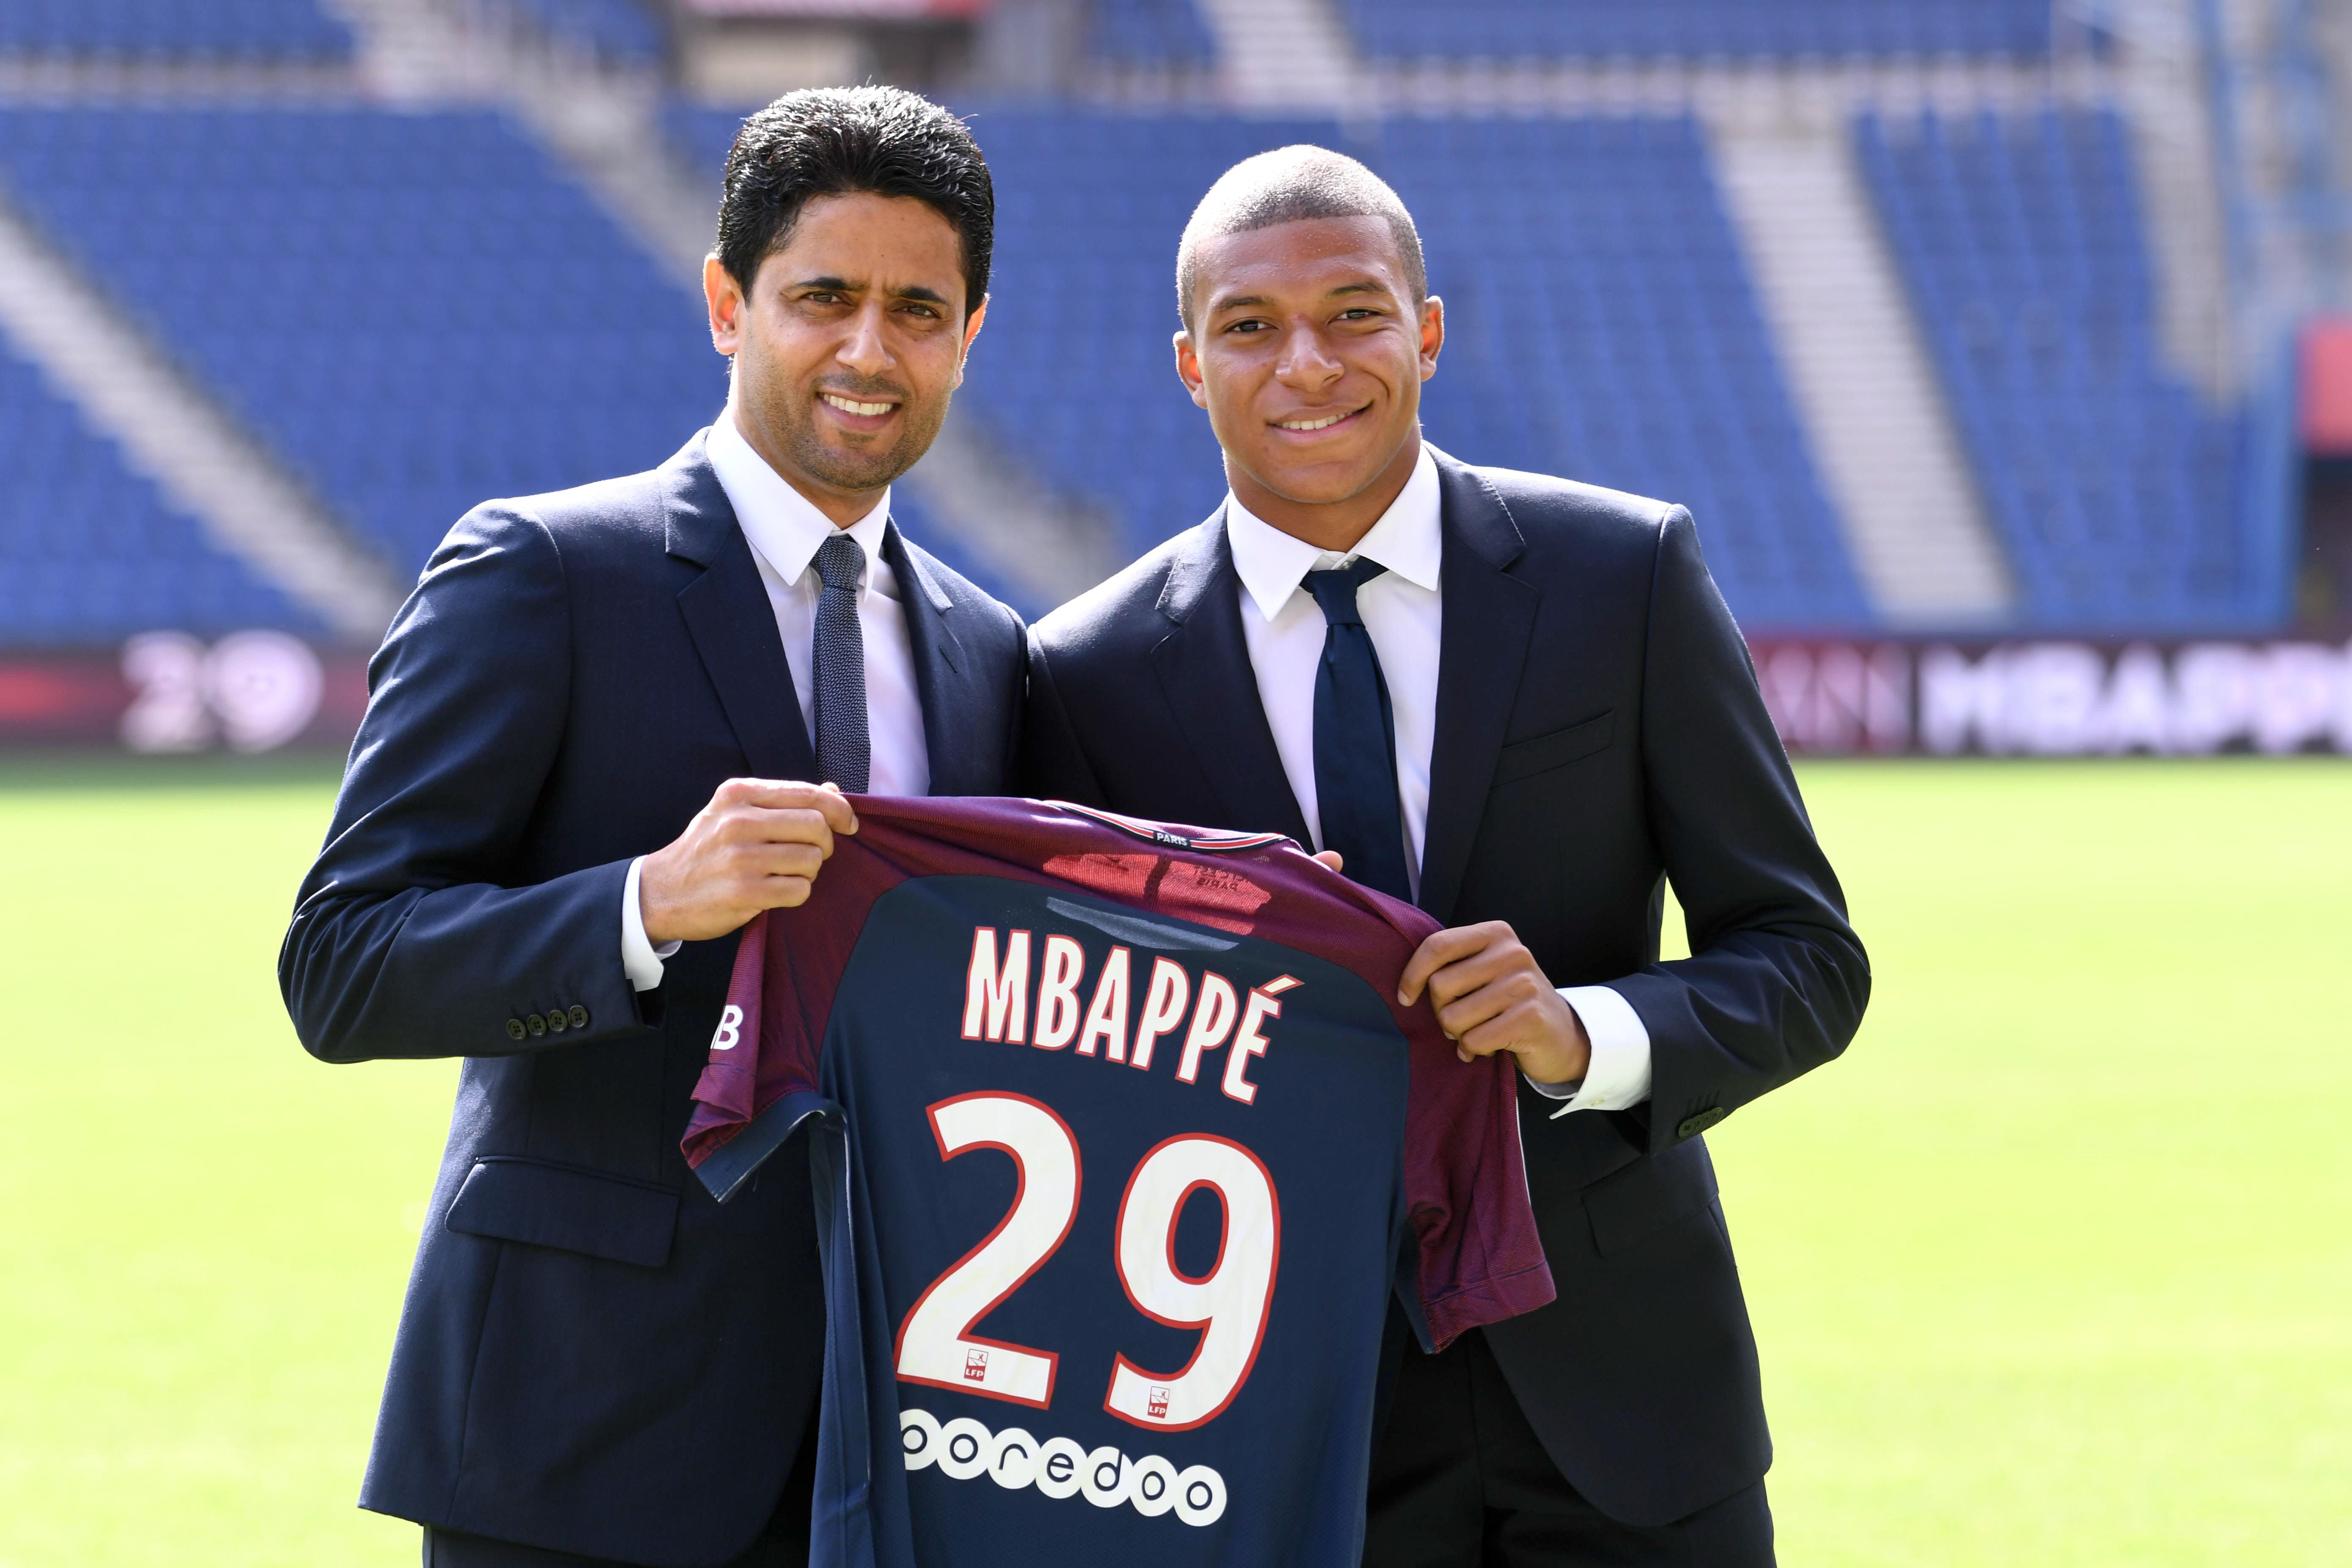 Football - Transferts - Mbappé au PSG: les dessous croustillants de son contrat